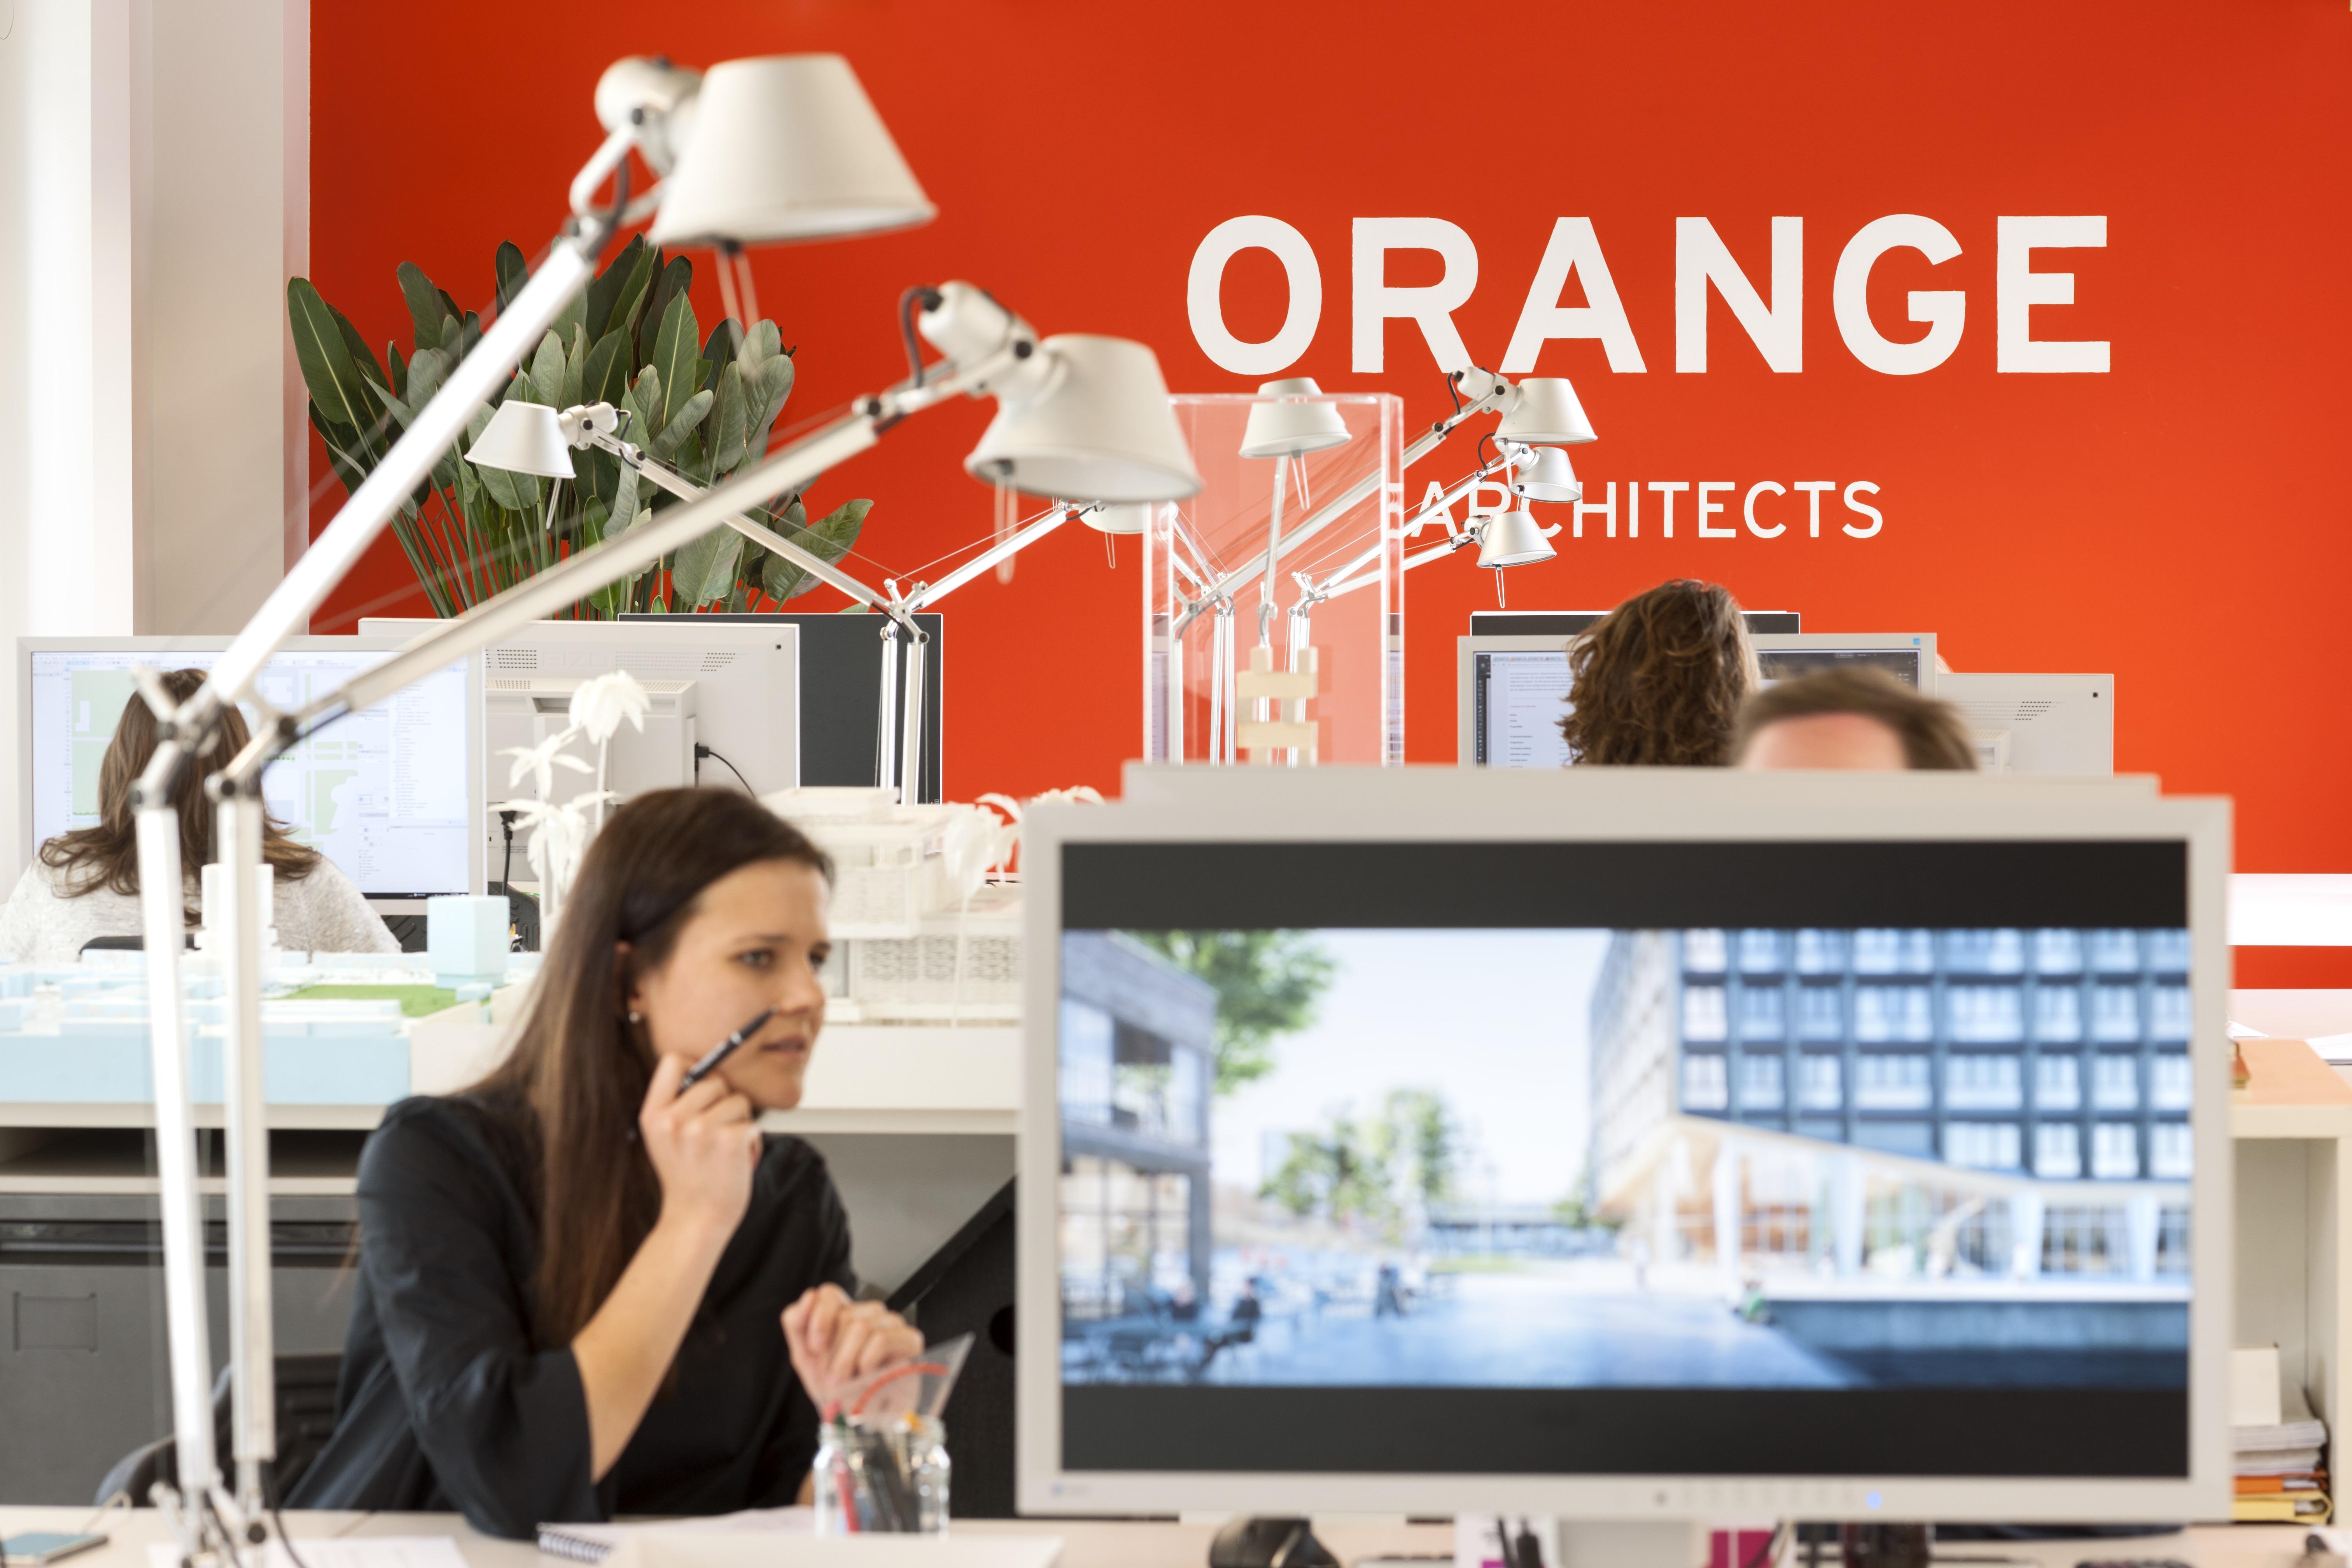 <p>Kantoor JSA &#8211; Orange. Beeld: Teo Krijgsman</p>